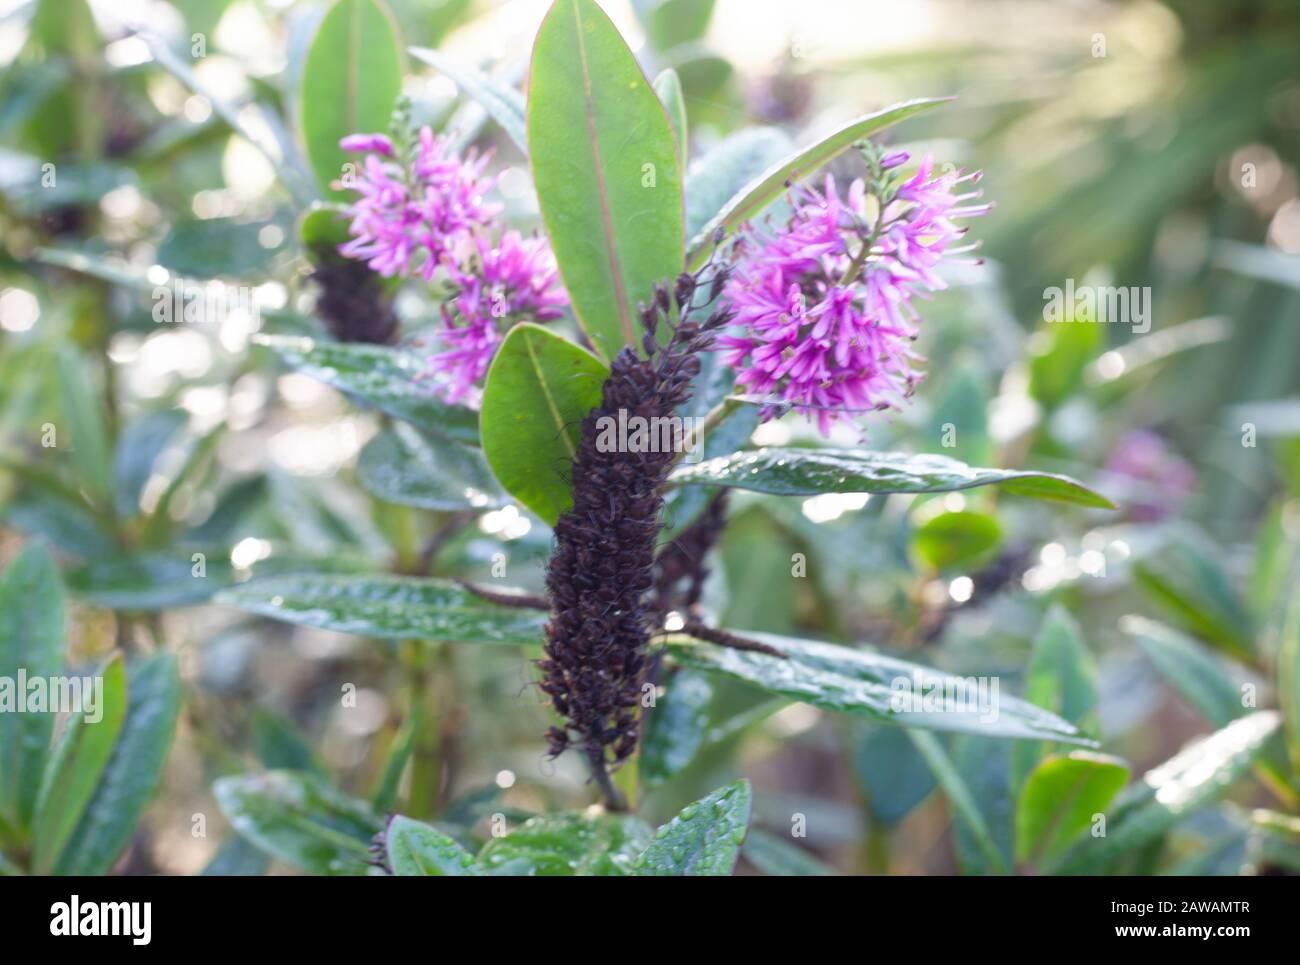 El Jardín en invierno - los tonos lila-púrpura de la variedad de follaje de Hebe 'mrs Winder' aportan color incluso durante el cierre de esta temporada de invierno. Foto de stock